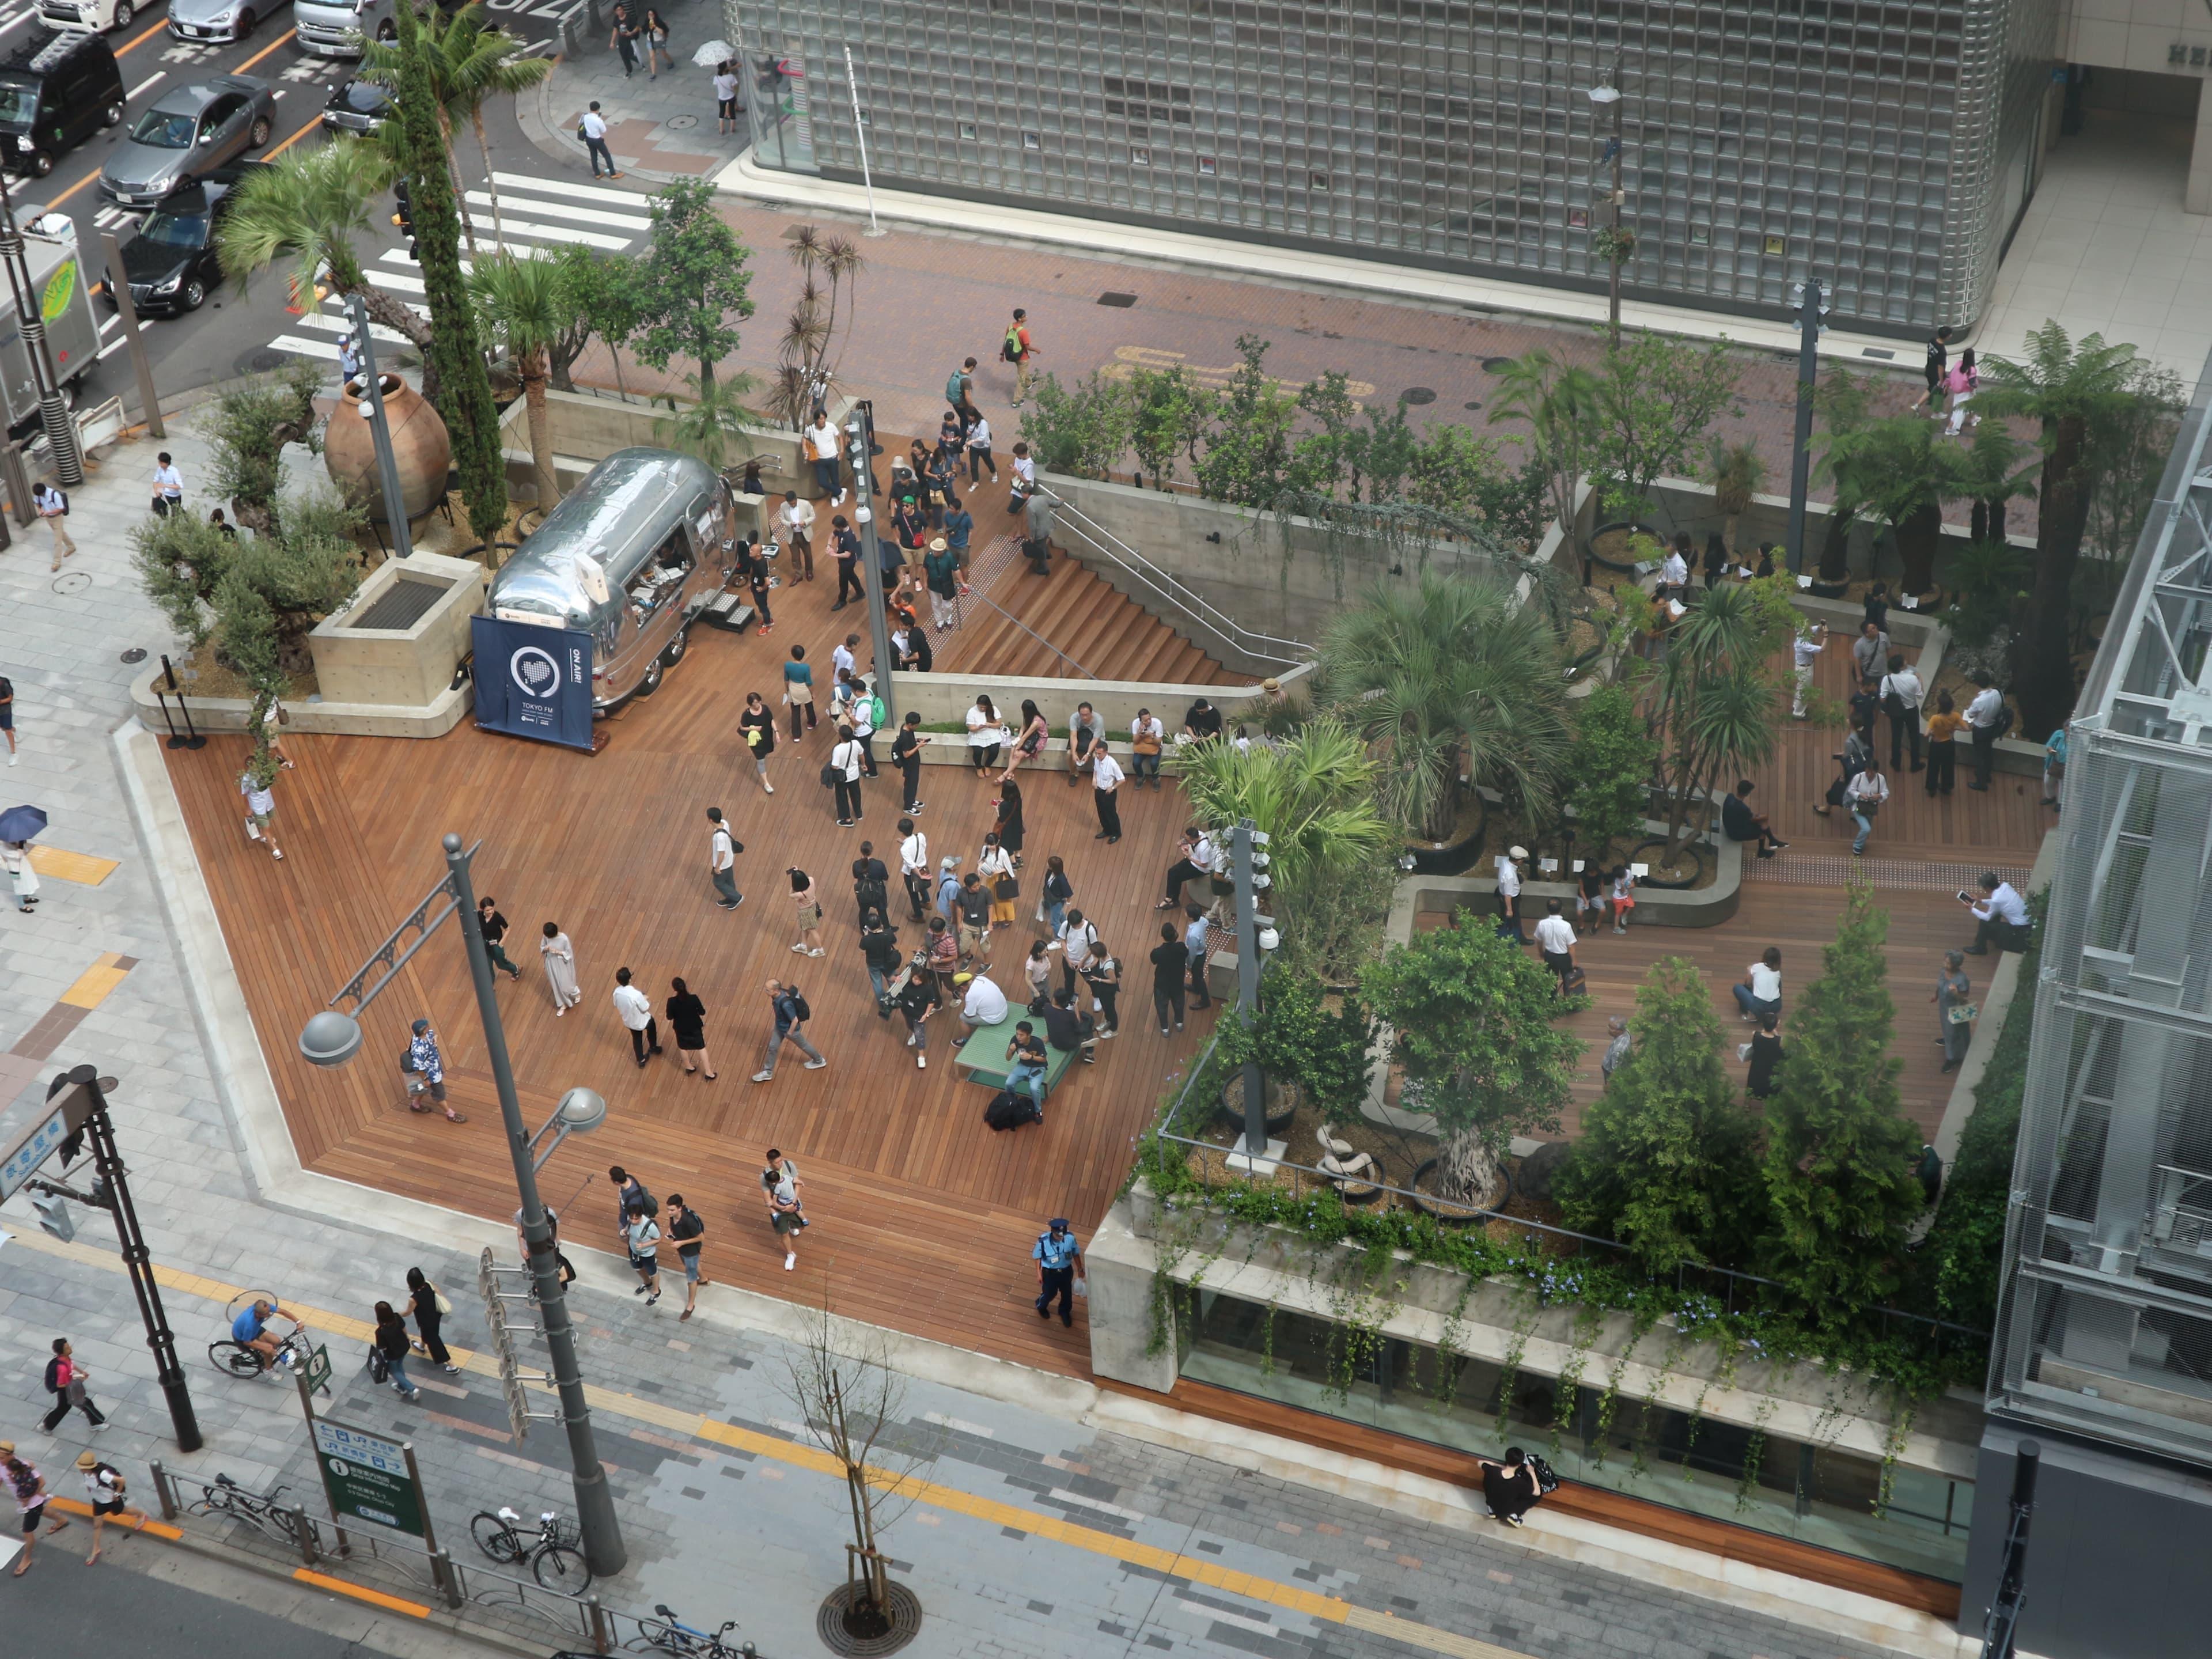 [レポート]Ginza Sony Parkは都心における公園の新しいヒント